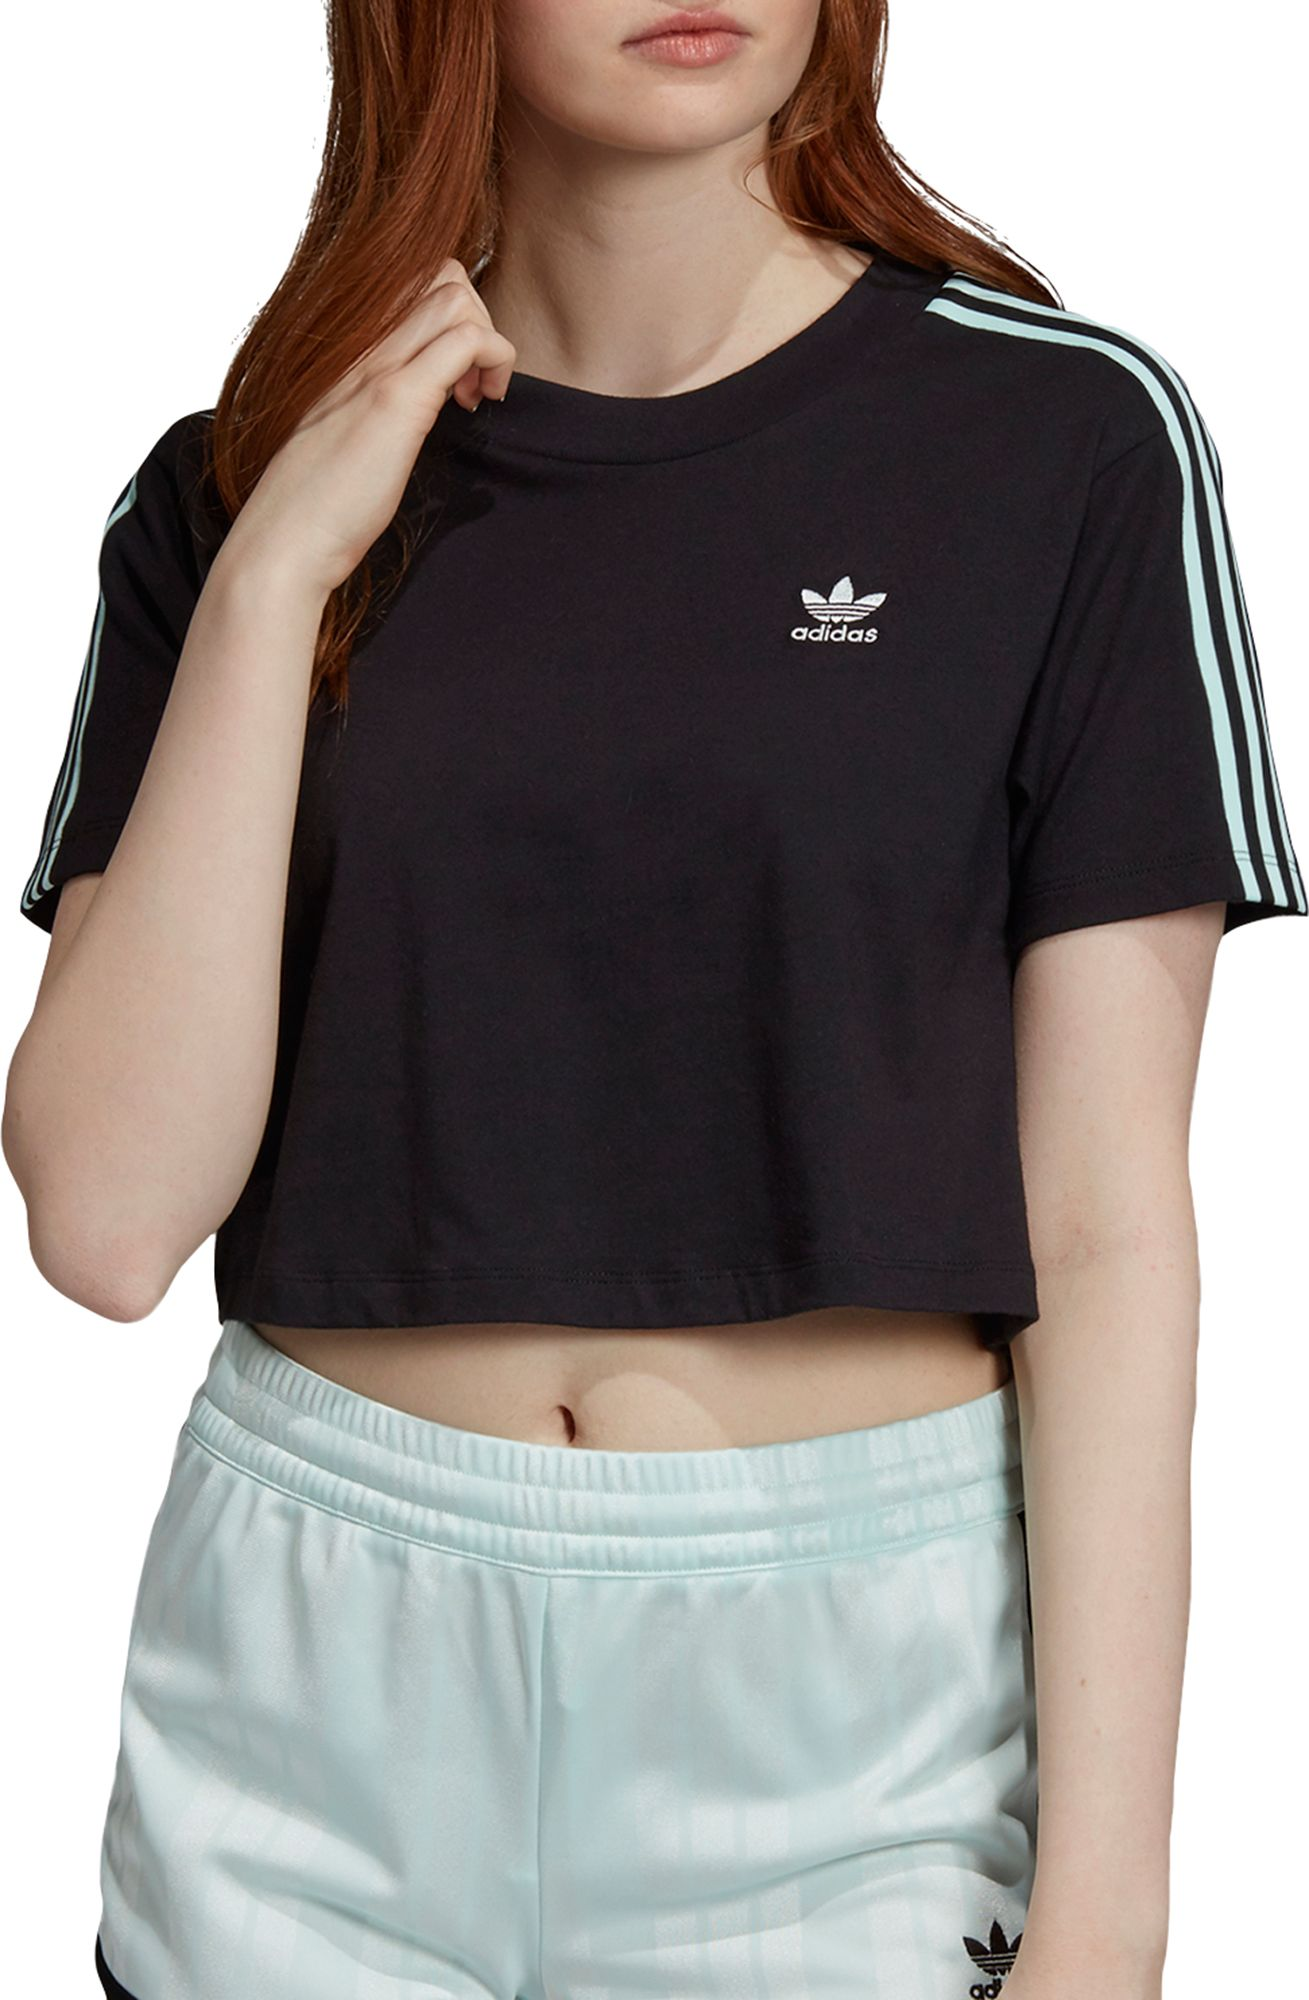 t shirt women adidas